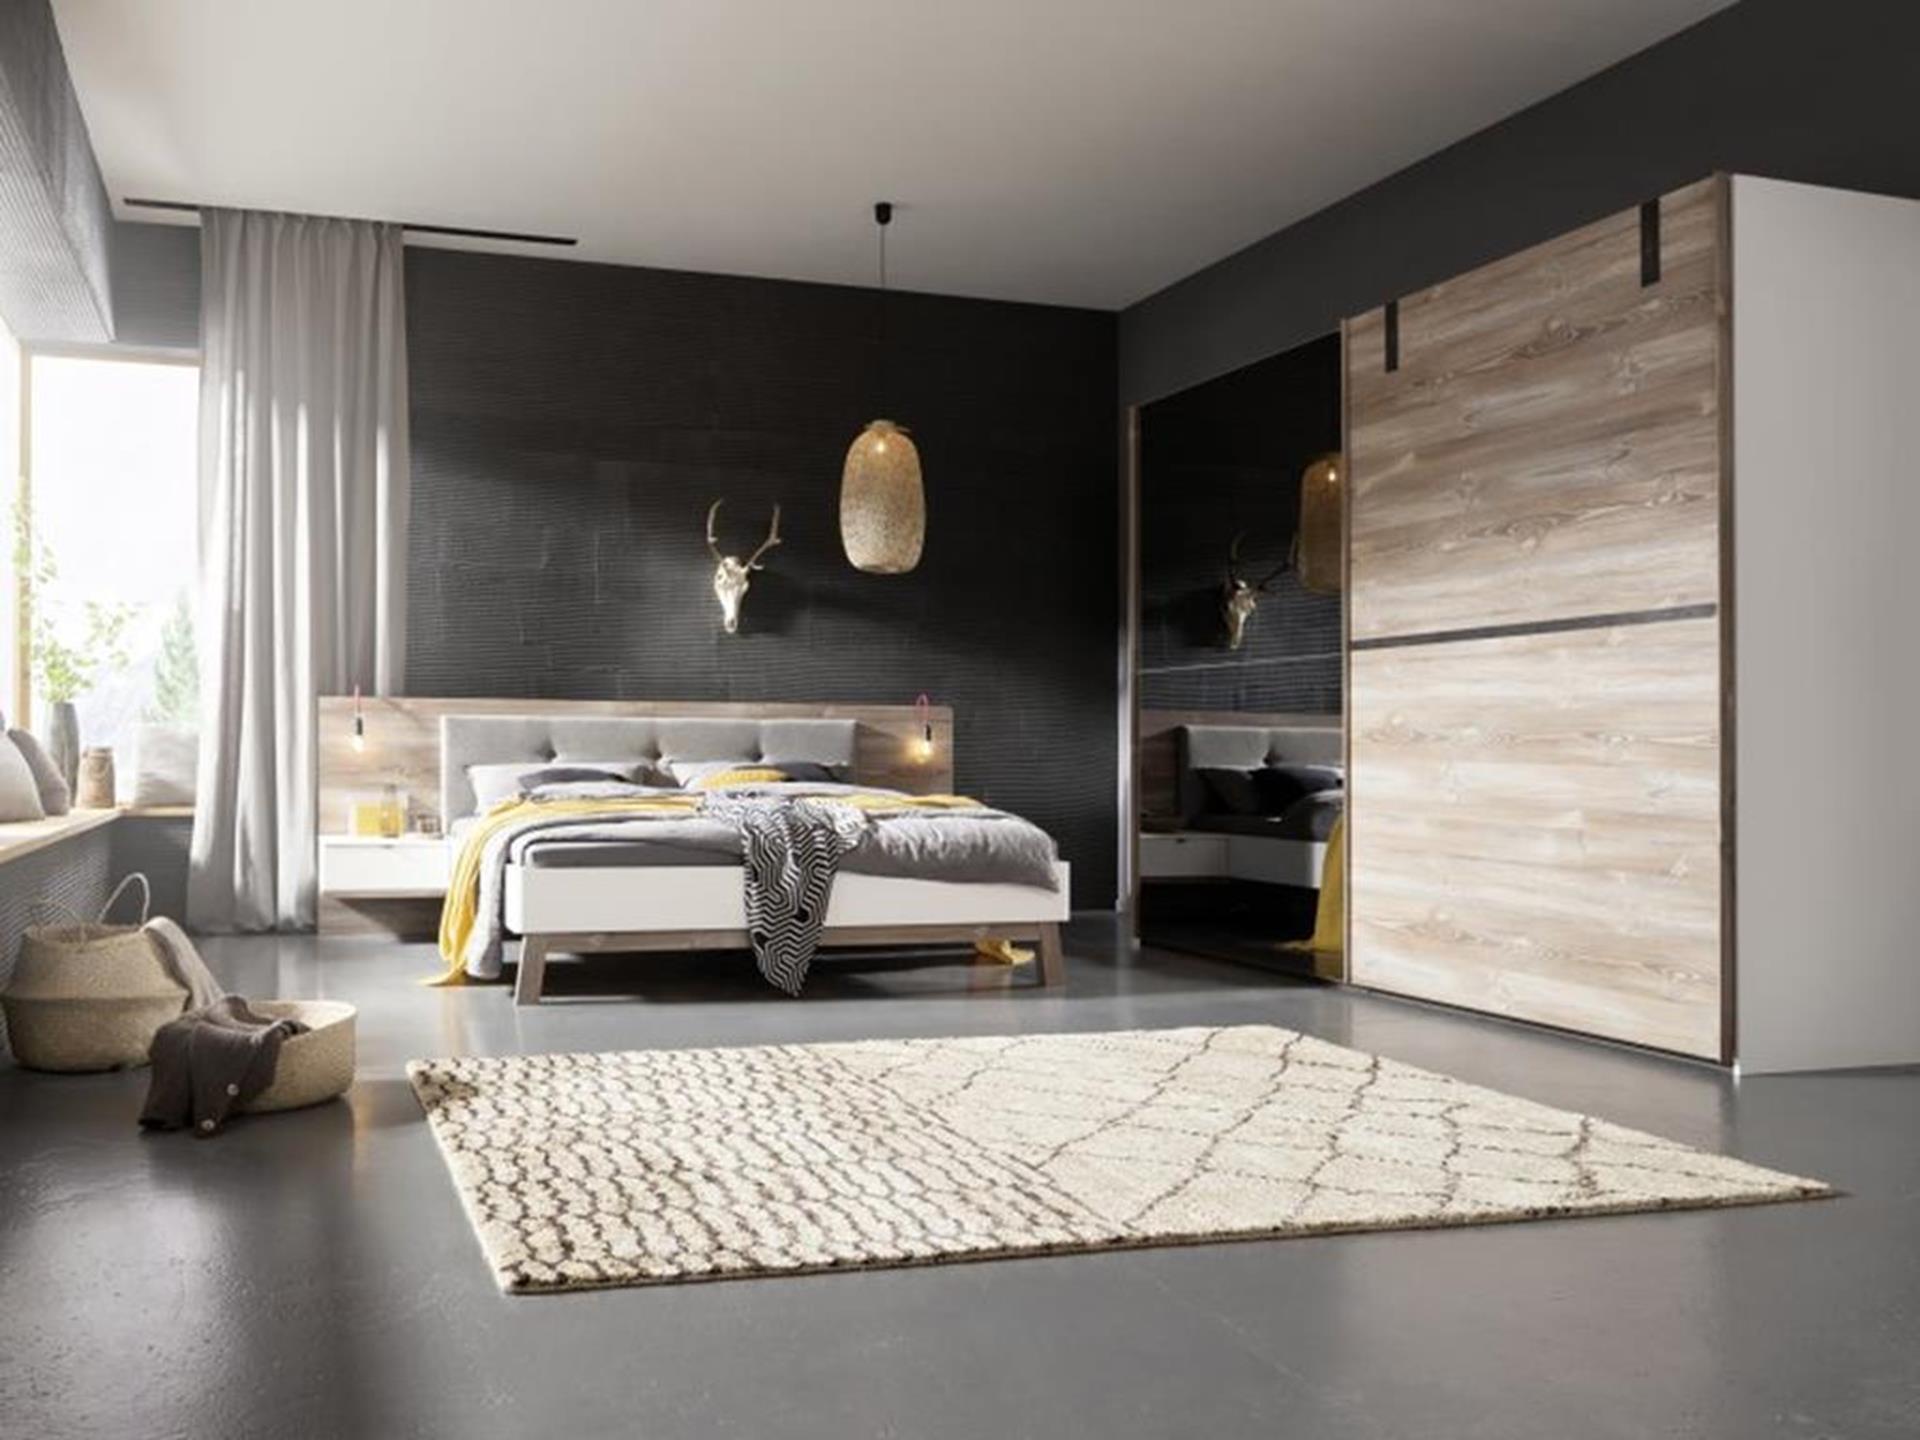 łóżko, szafka nocna i szafa w eleganckim niemieckim wydaniu